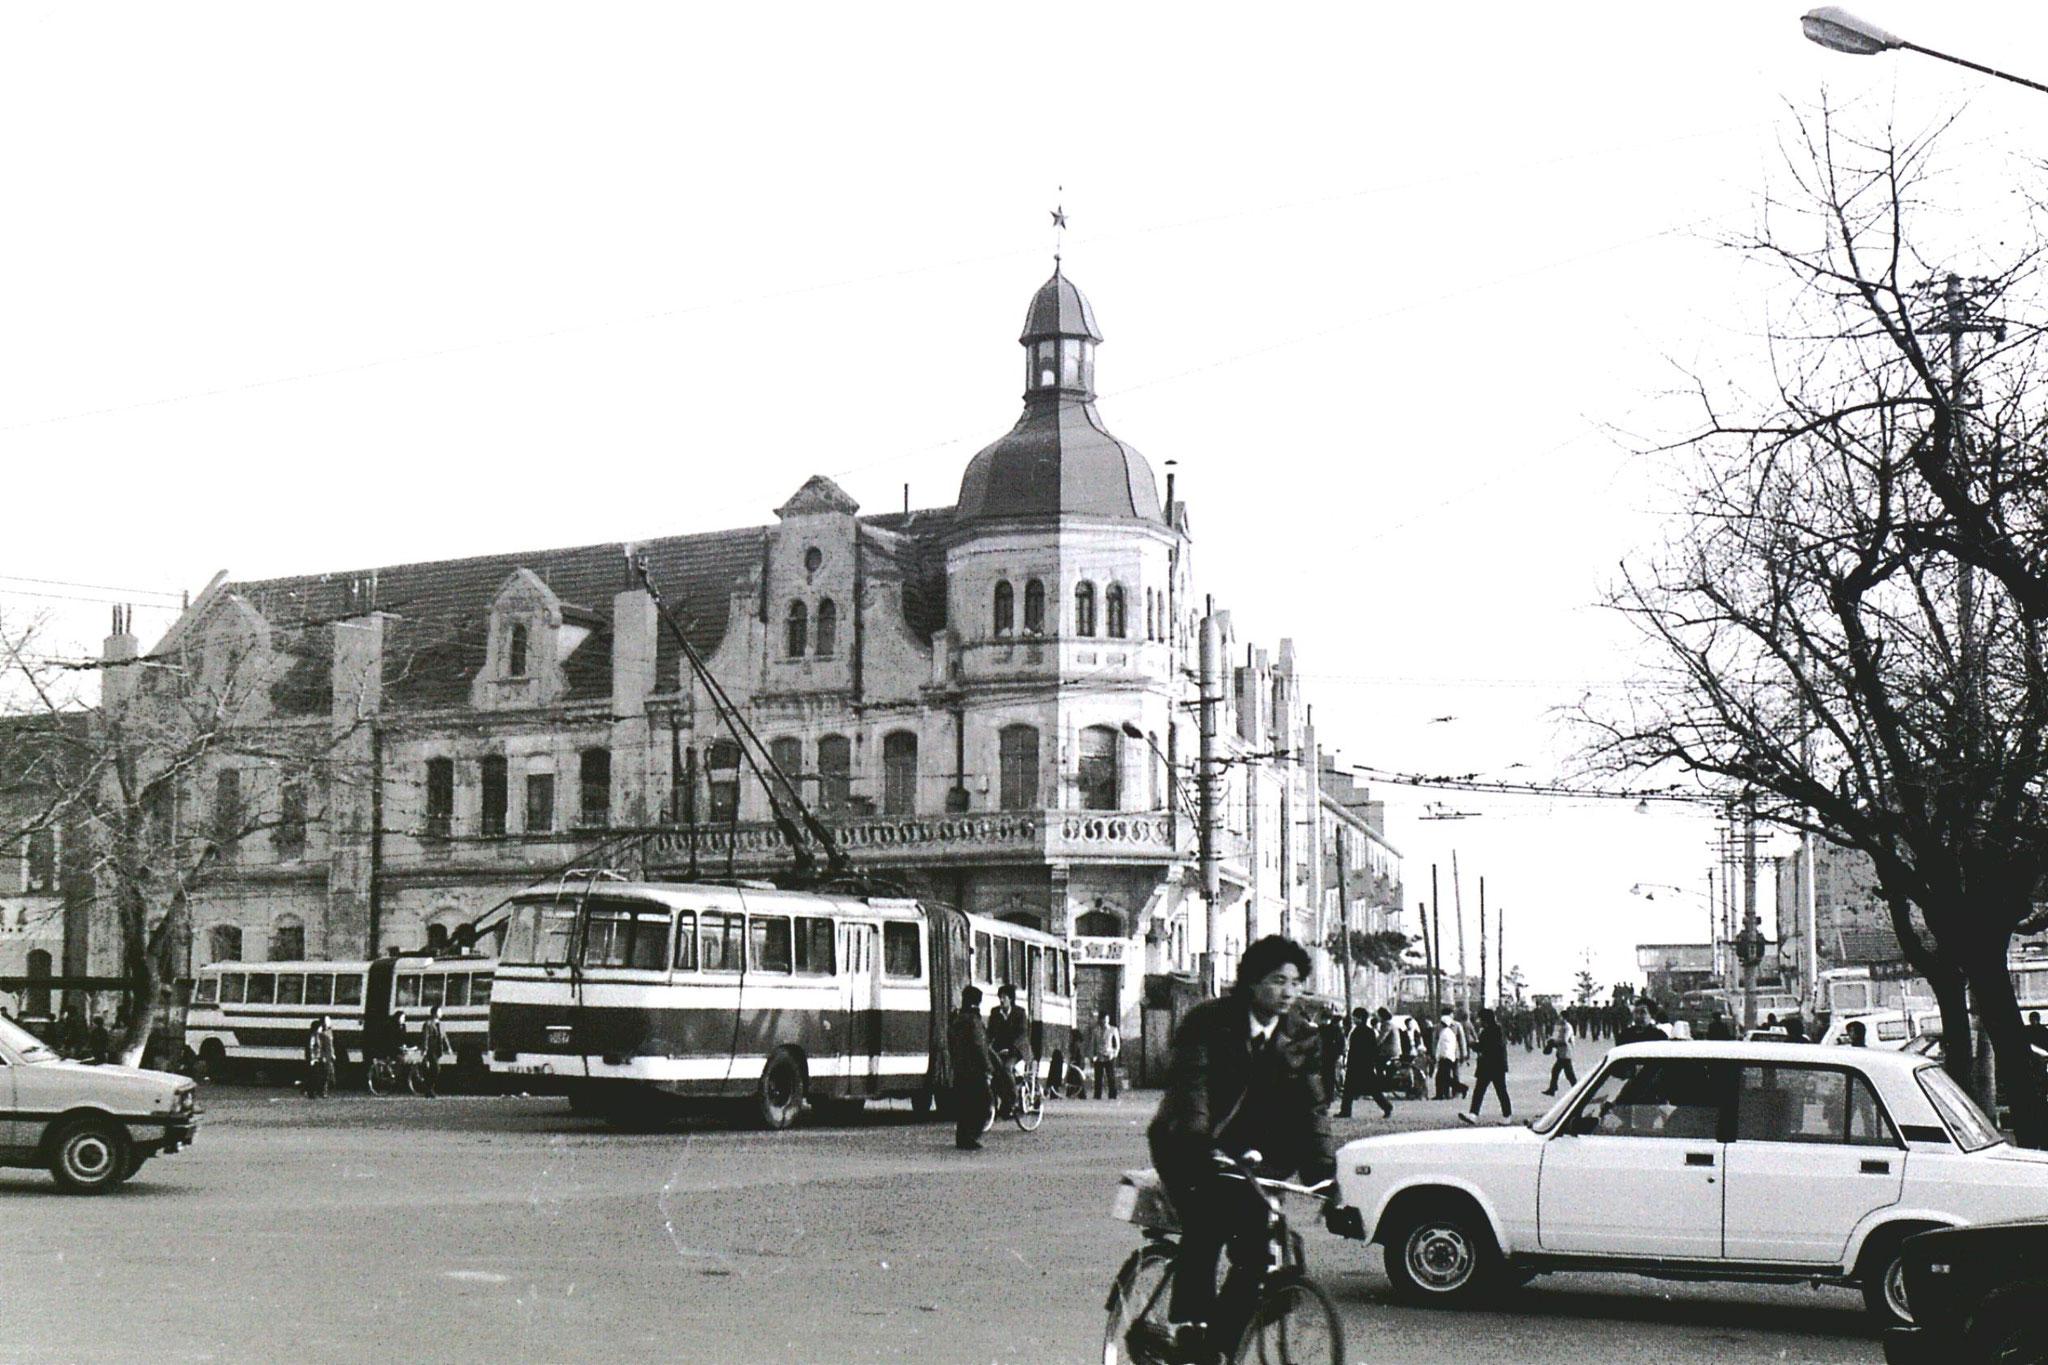 13/2/1989: 16: Qingdao